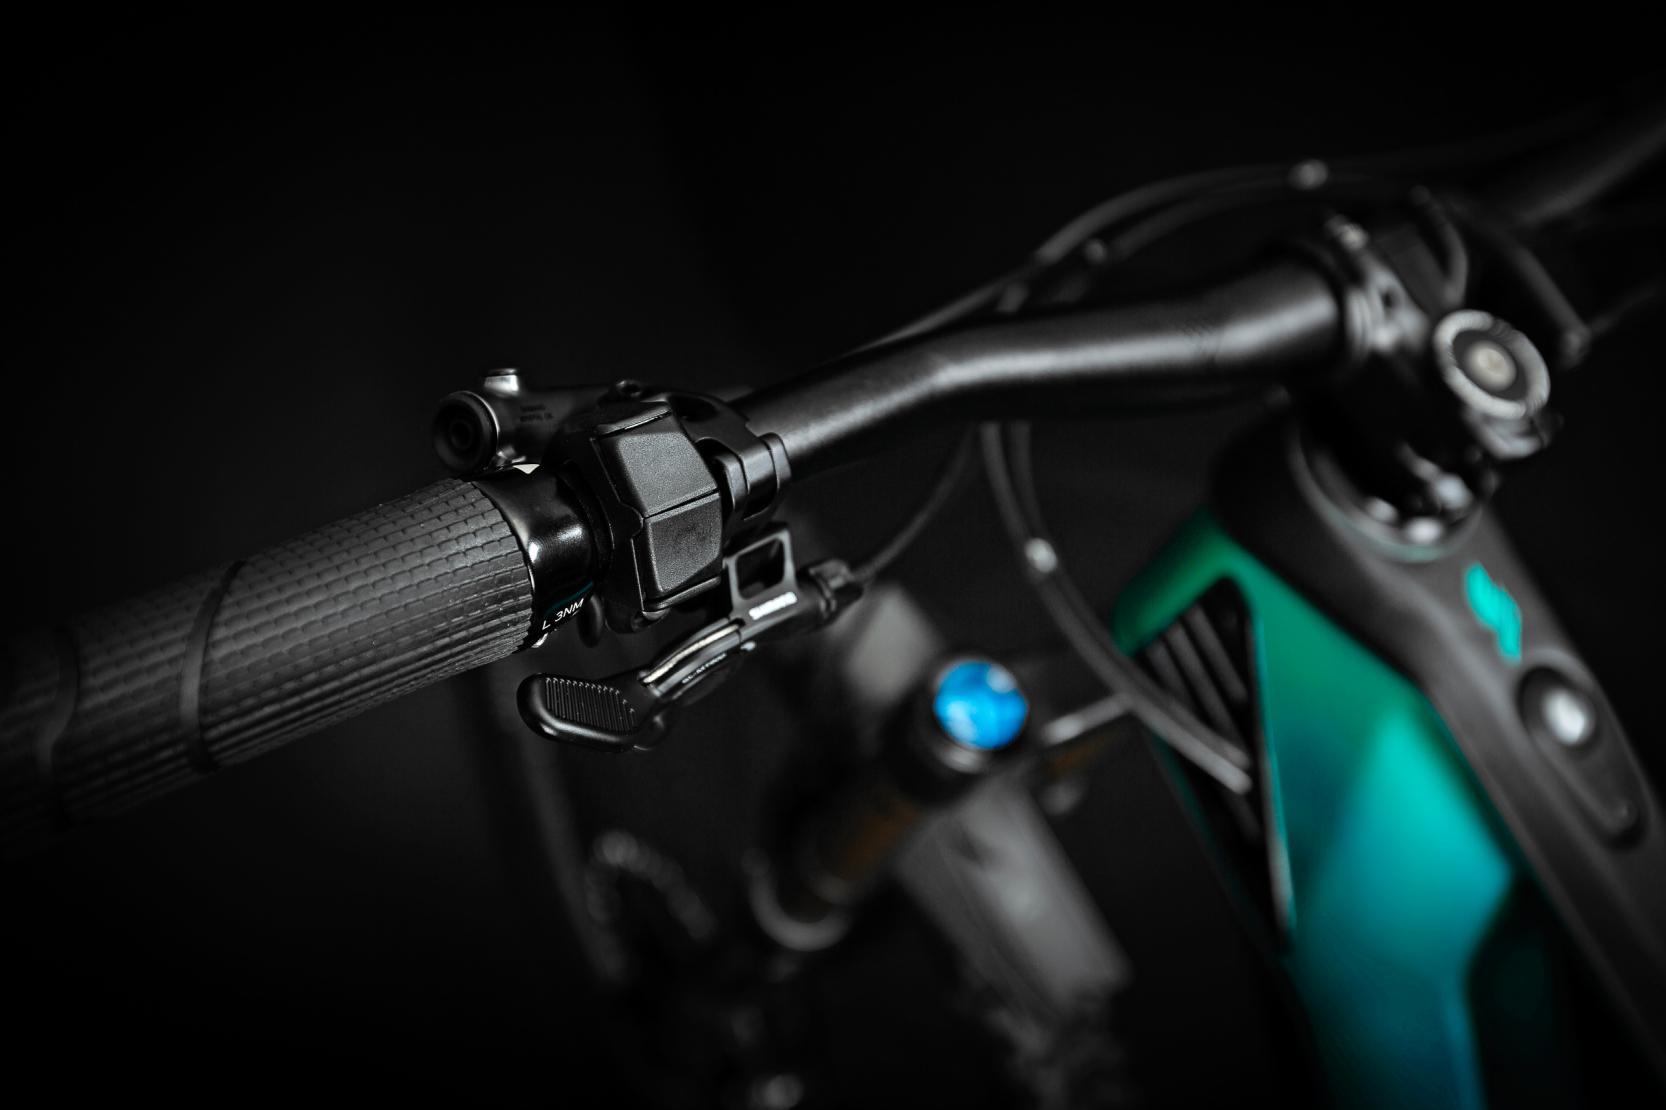 Shimano Shifter-R und Remote-Hebel für Vario-Sattelstütze:Für ein ebenso aufgeräumtes Cockpit sorgt die Kombi aus dem kompakten Shimano E7000-Wechselschalter der Unterstützungsmodi und Shimanos Remote-Hebel für dieTeleskopsattelstütze.